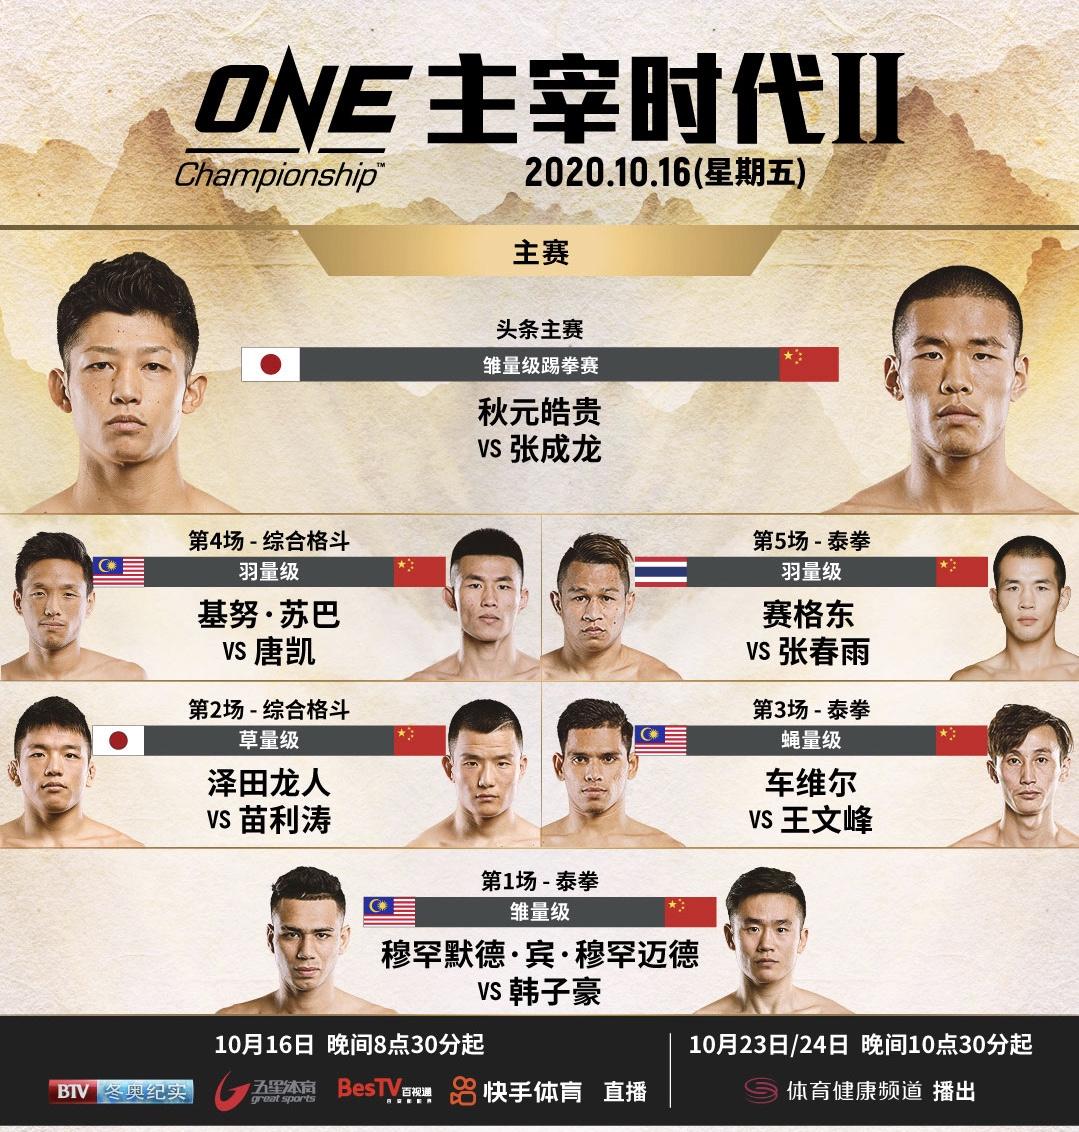 ONE冠军赛首办中外之战专场,张氏兄弟领衔出战图片